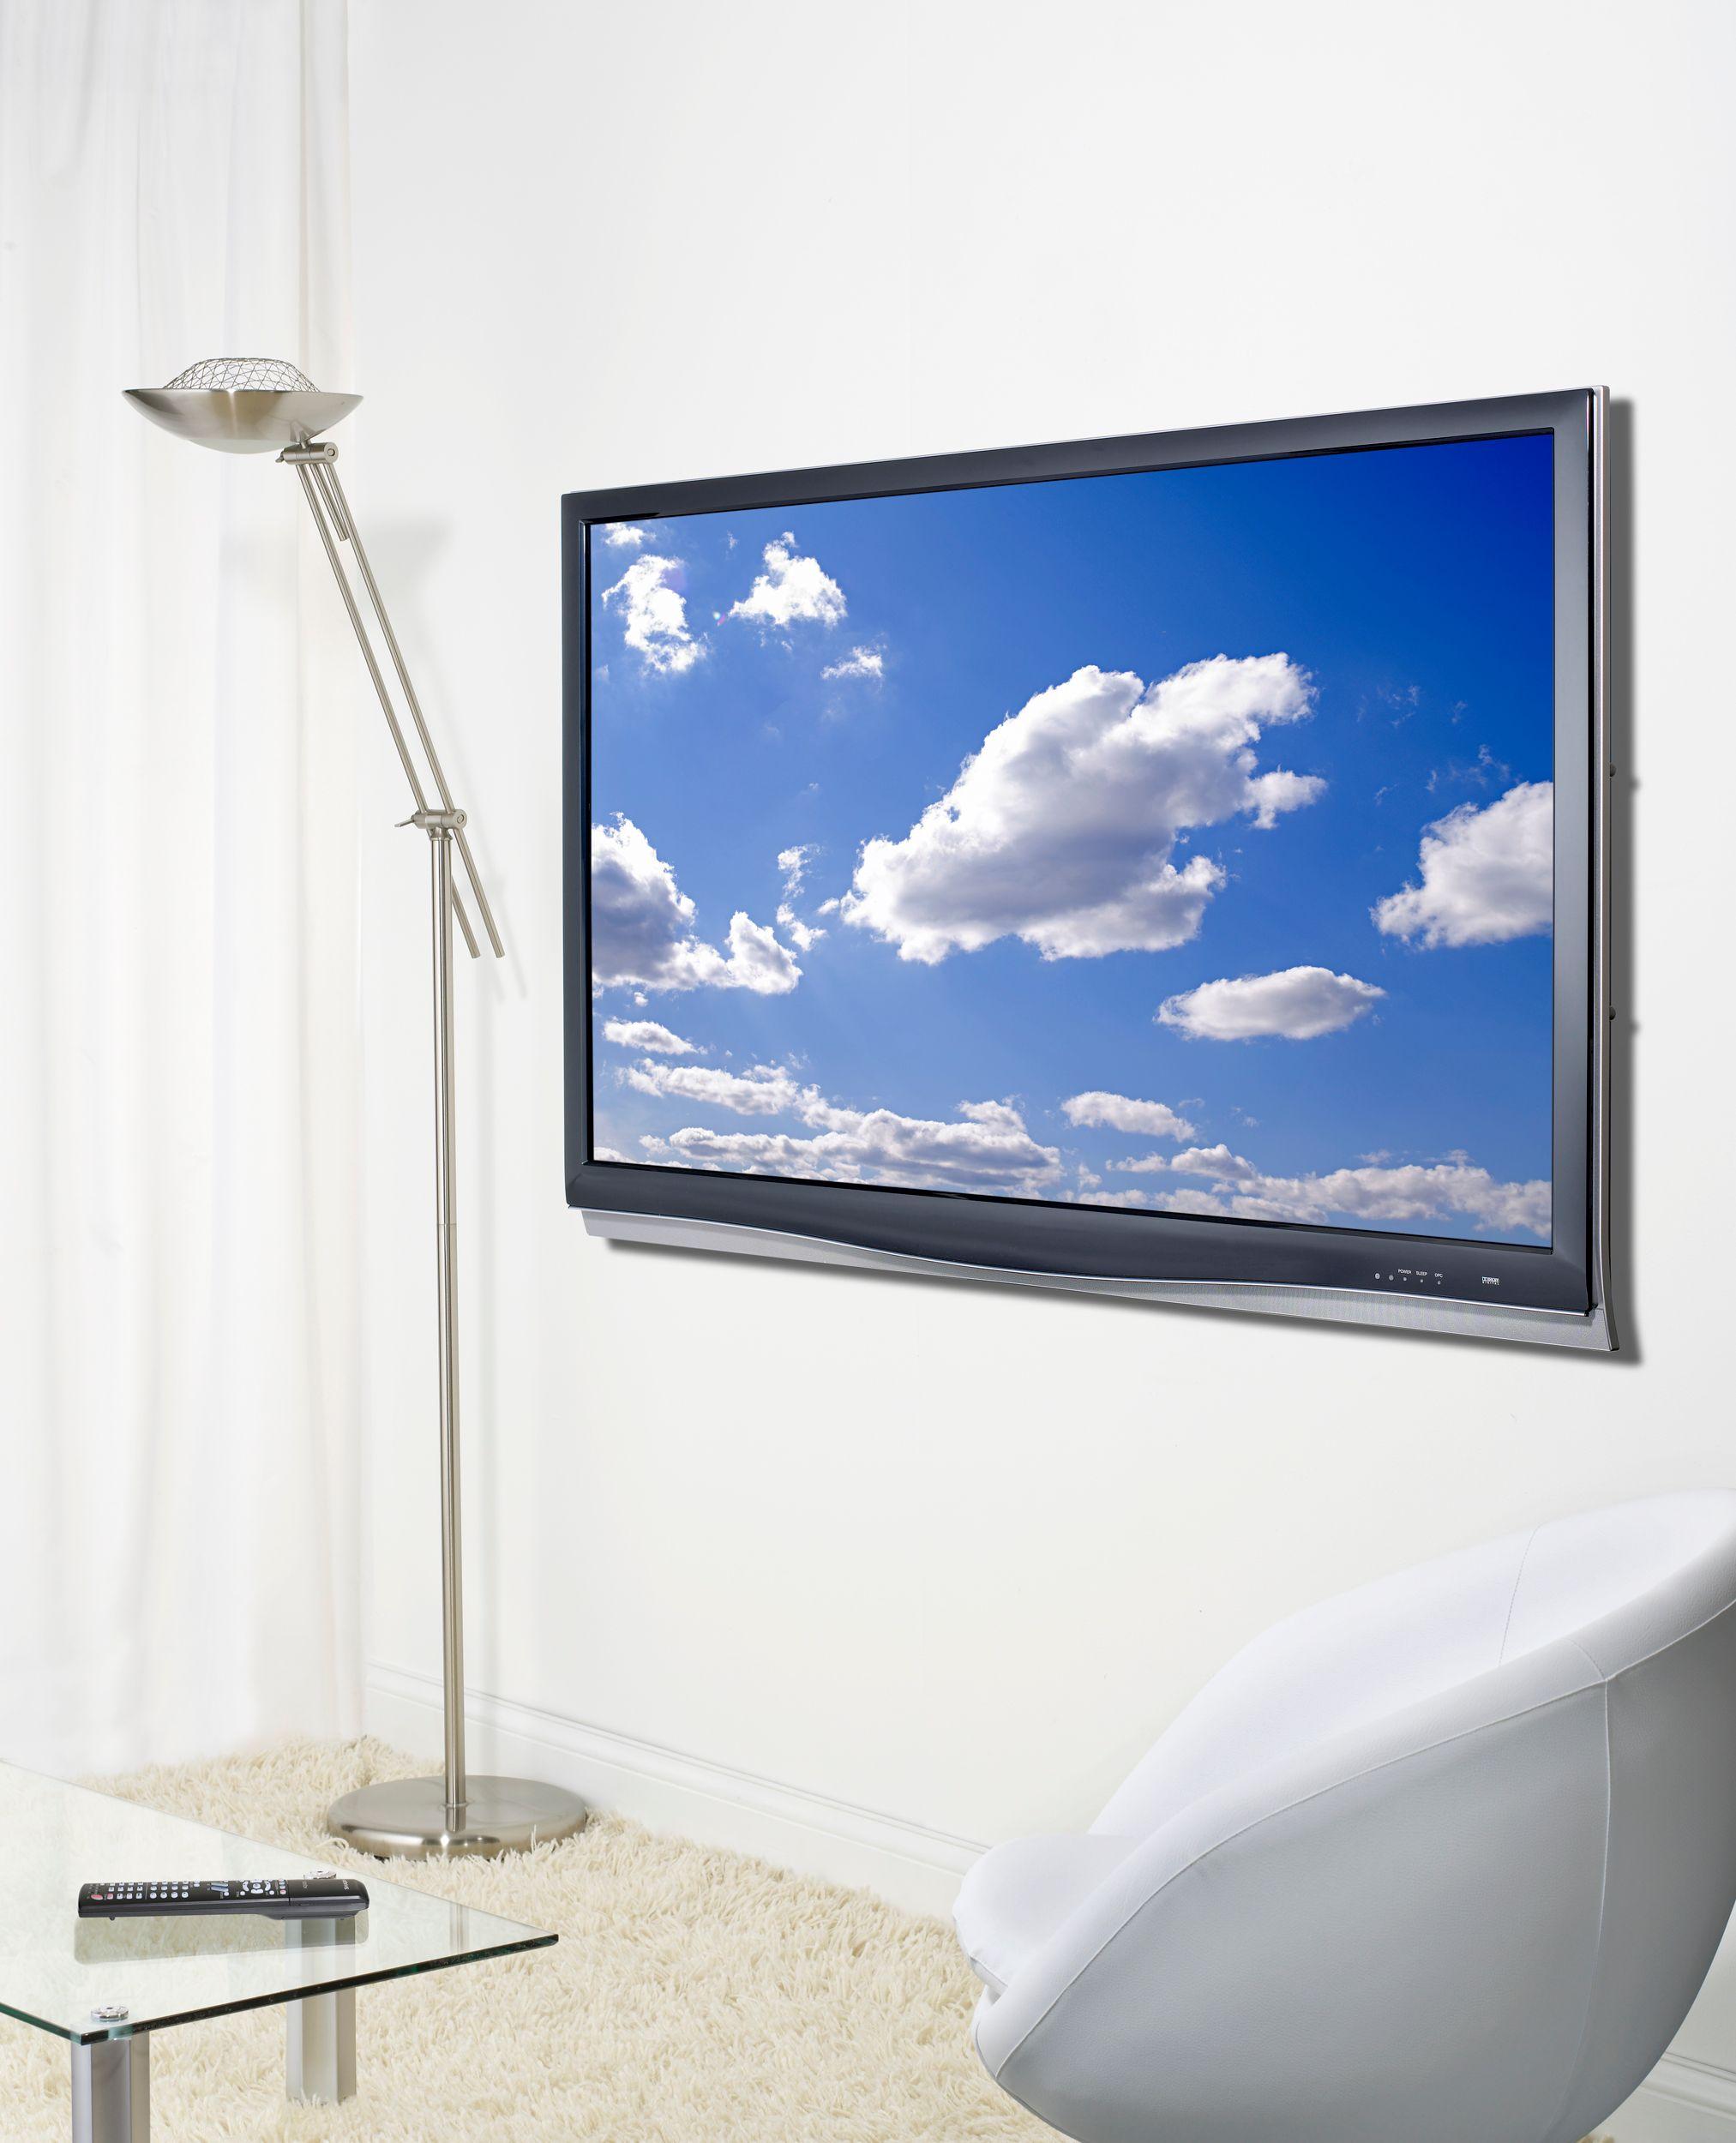 TC TV C 1.jpg